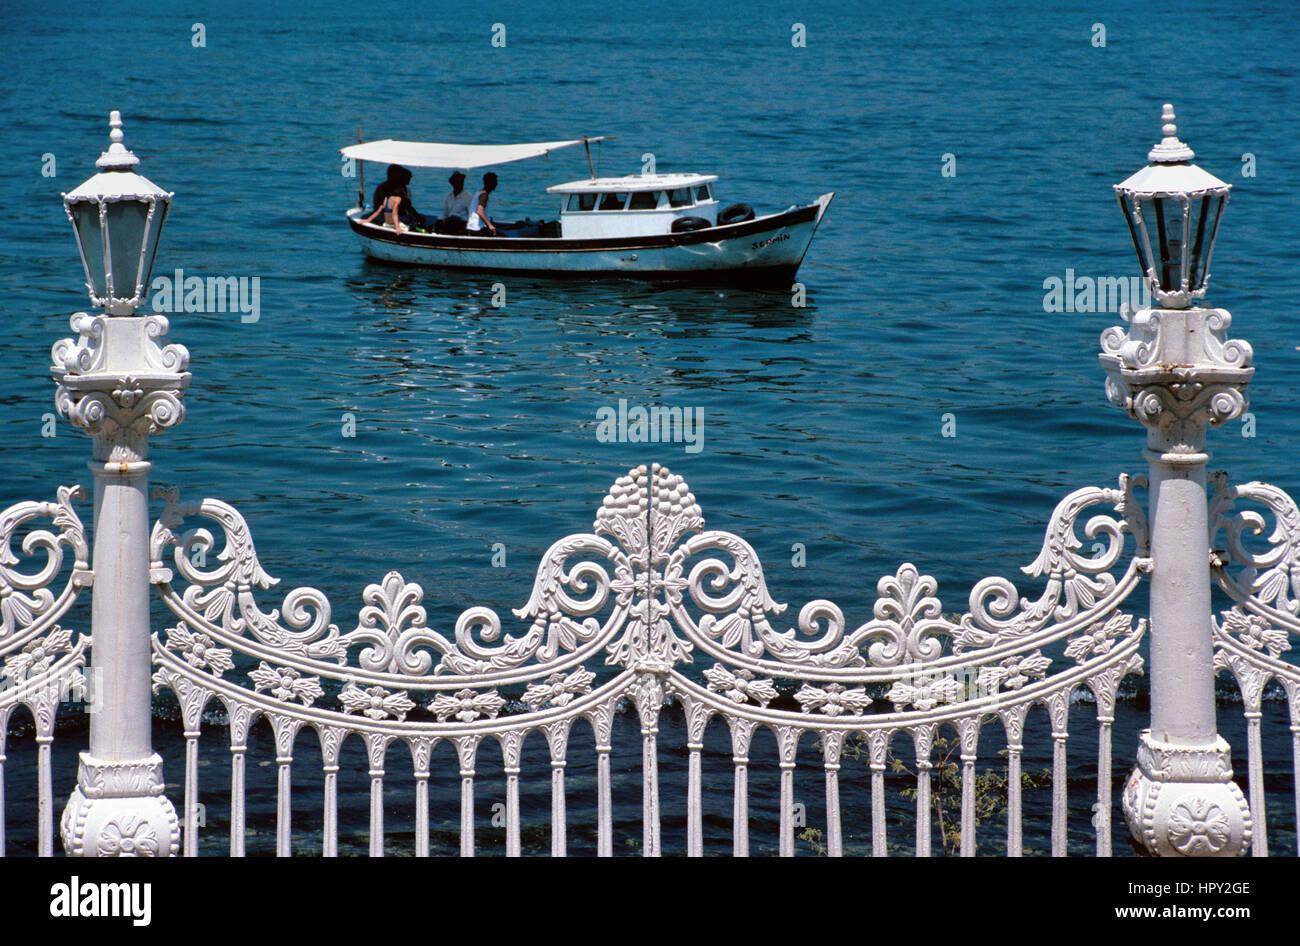 Wrought Iron or Cast Iron Railings and Lamp Fronting the Bosphorus or Bosporus Straits, Küçüksu Palace, - Stock Image